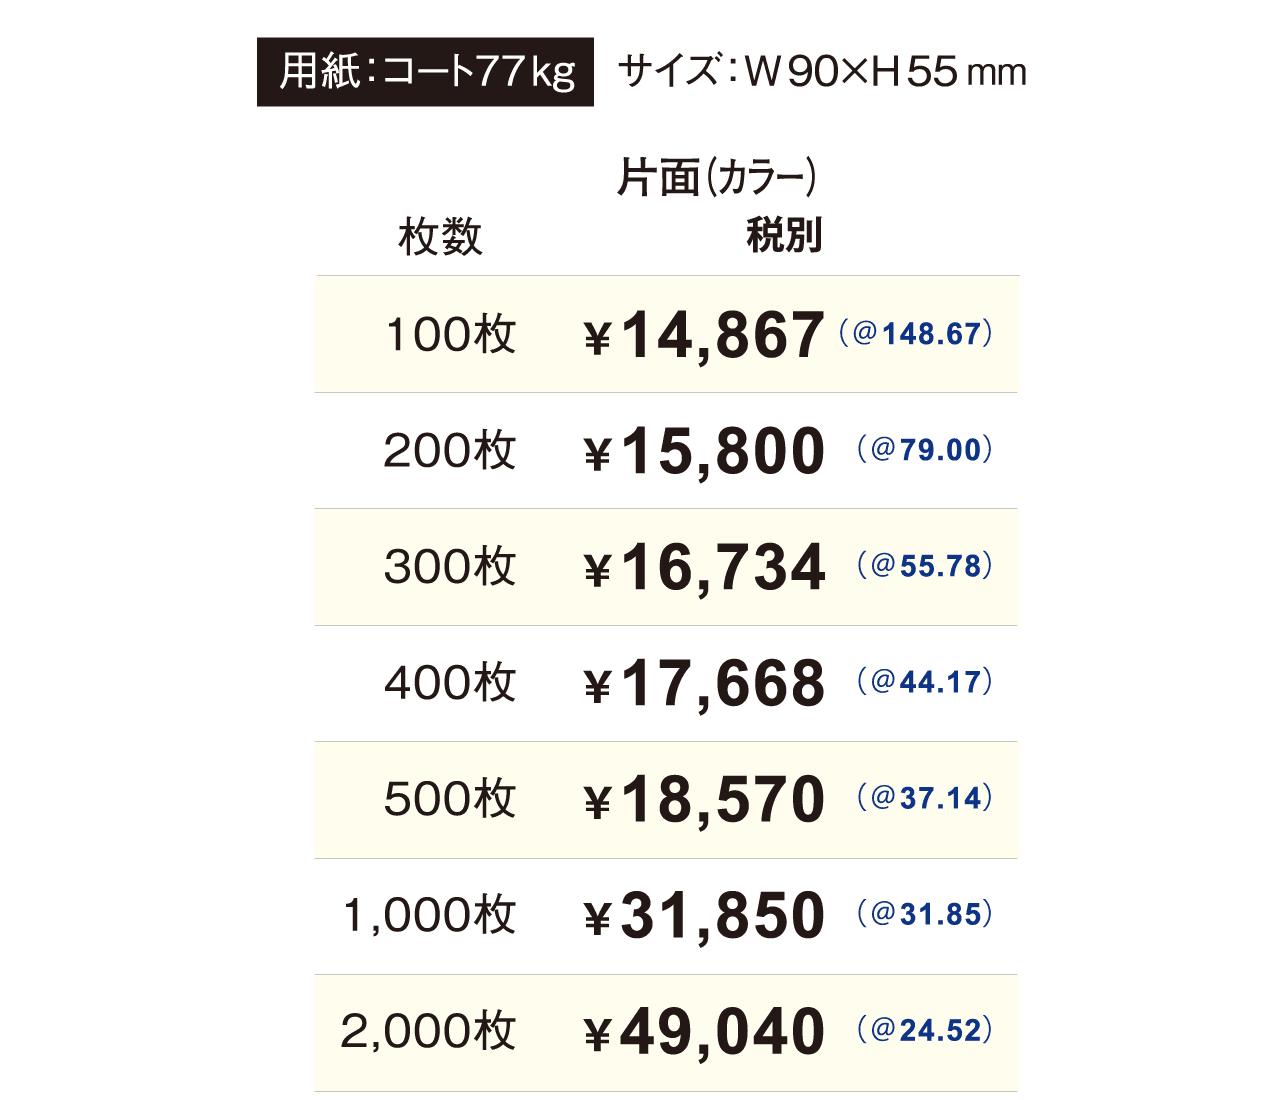 シール印刷コート77kgの料金表